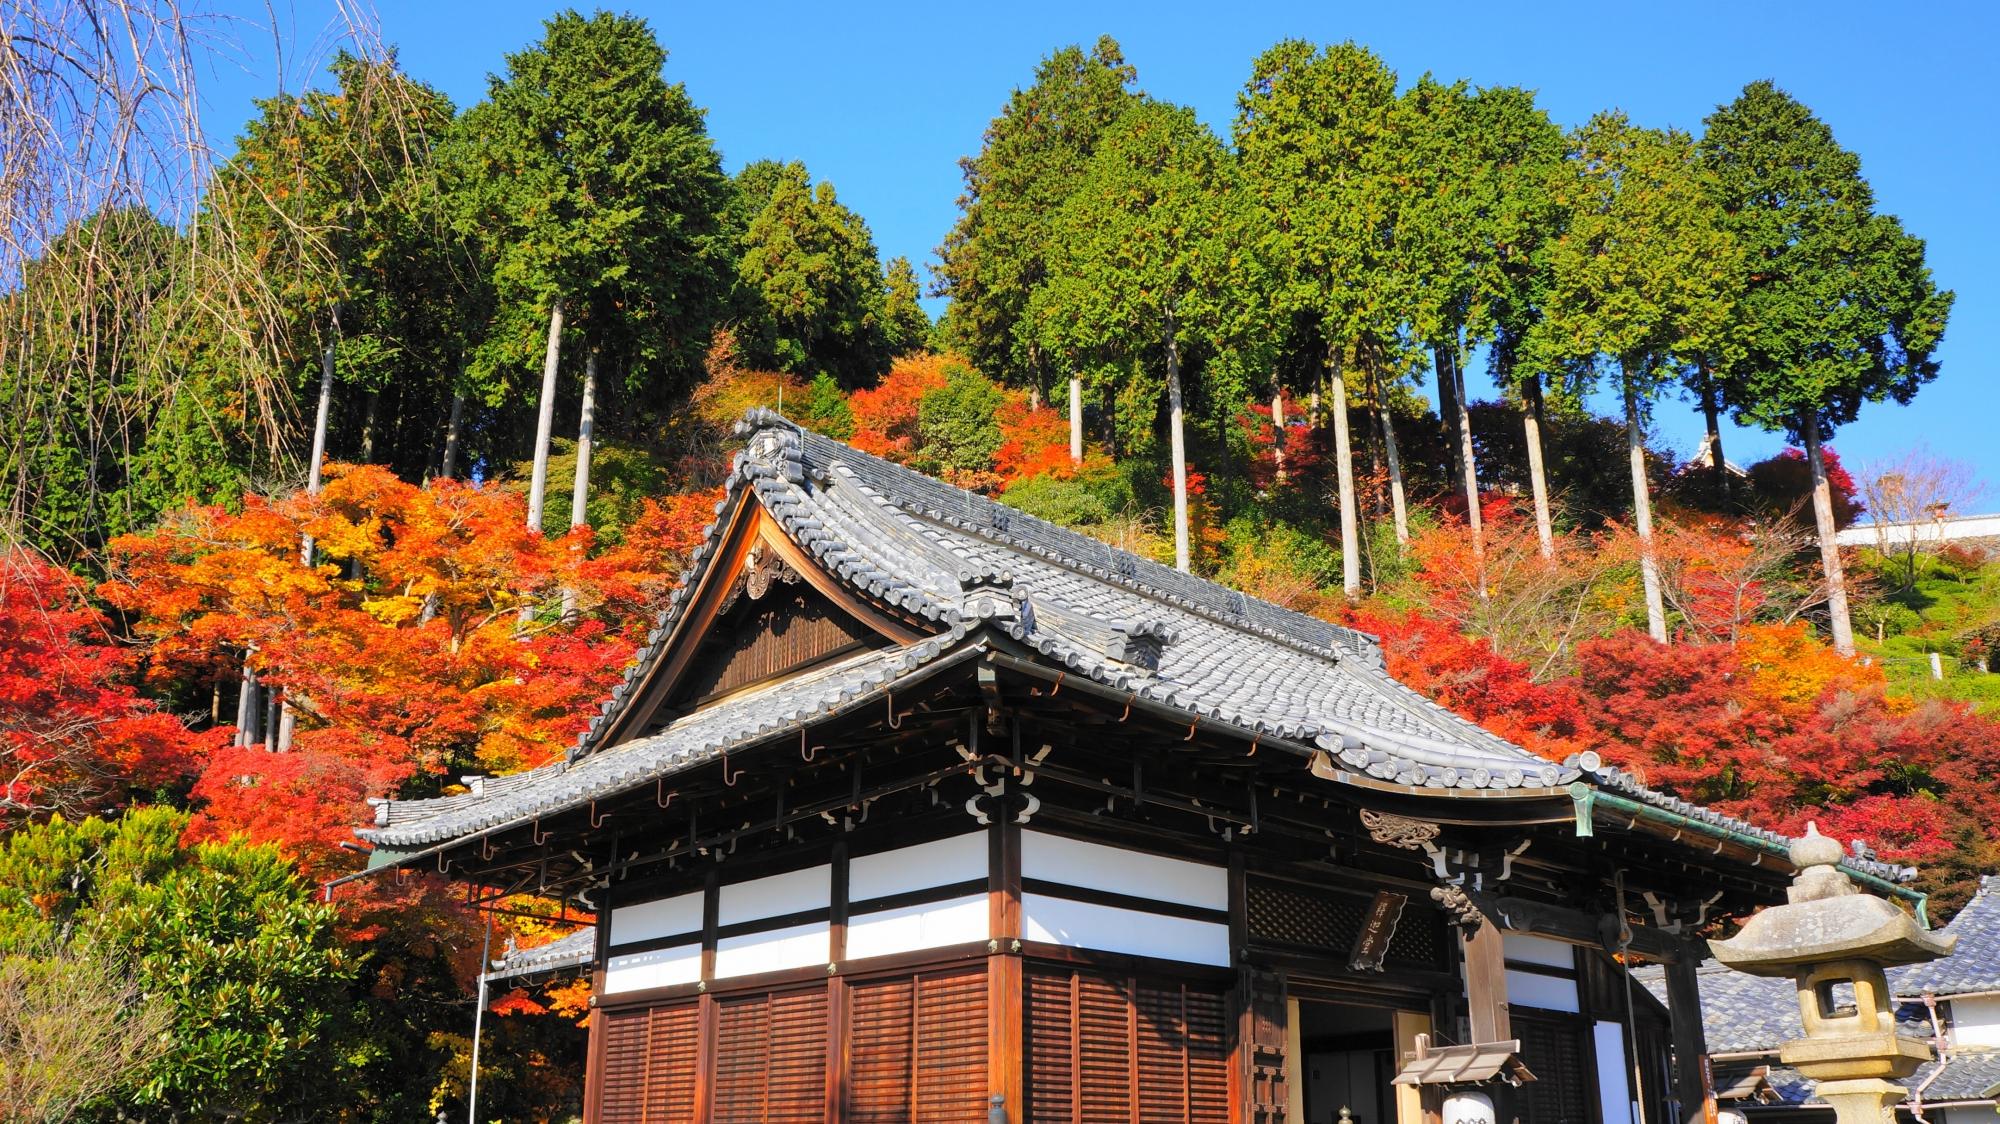 善峯寺の釈迦堂と紅葉